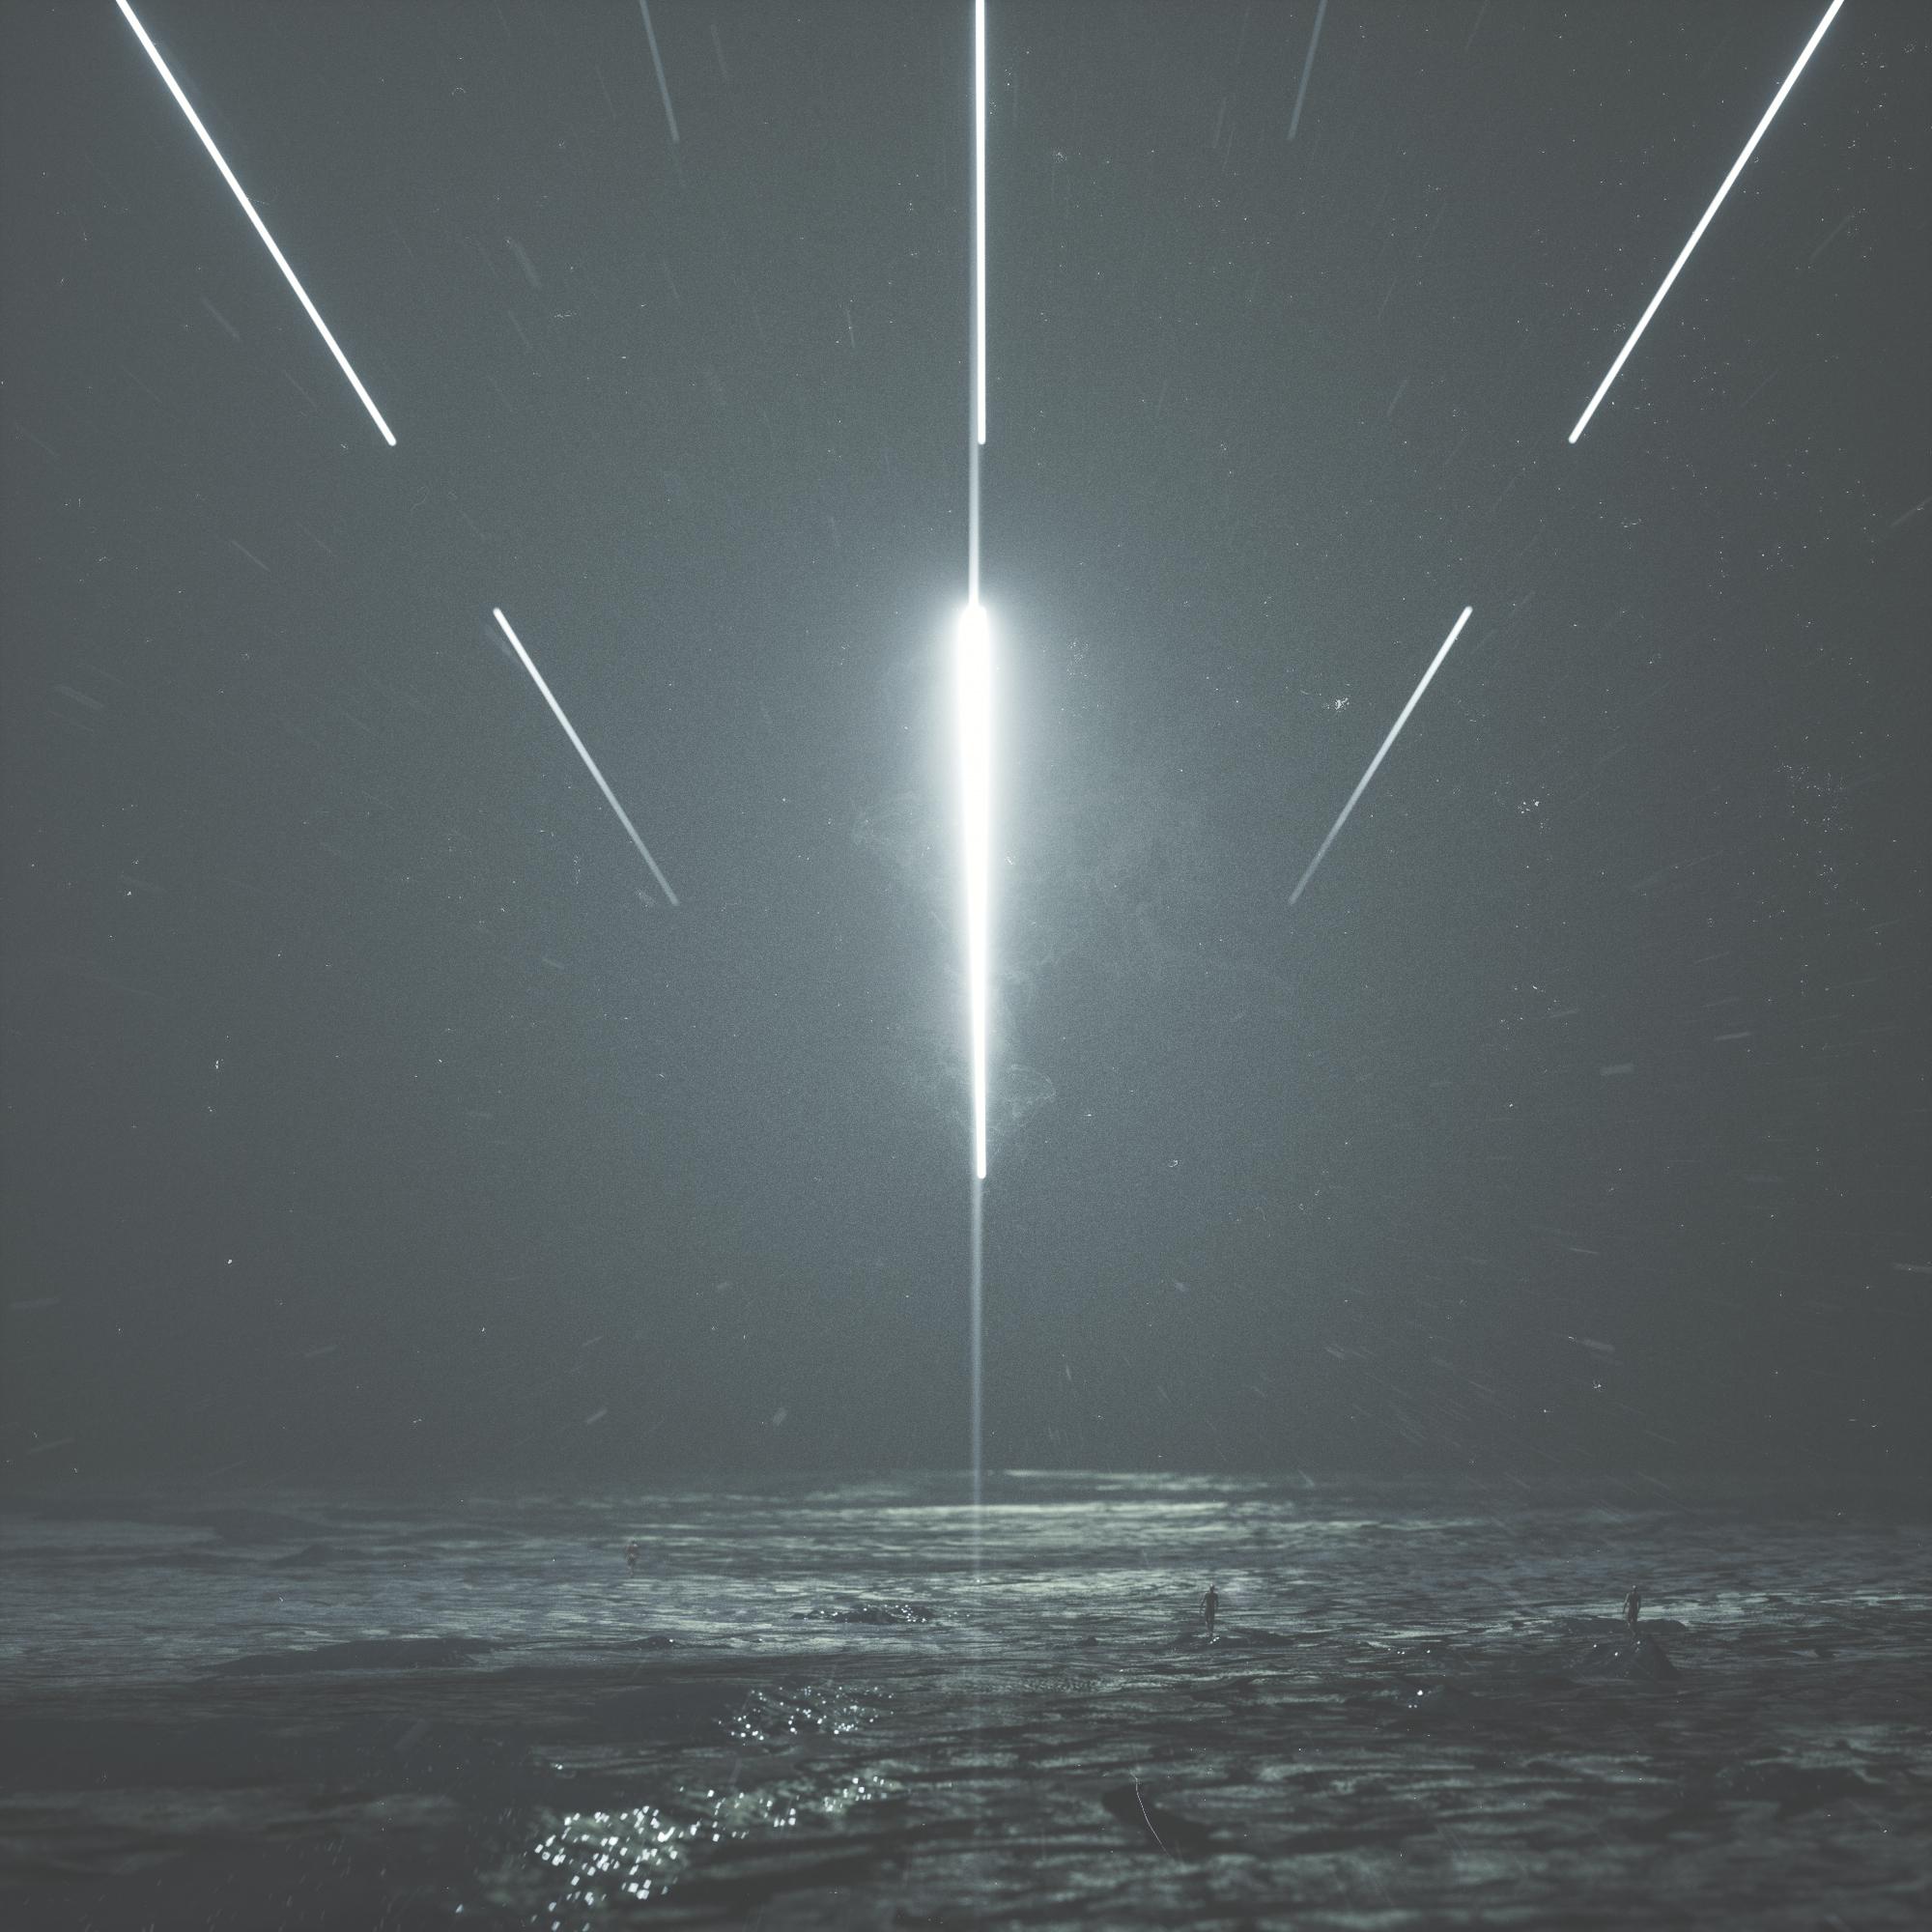 Galactic streetlamps